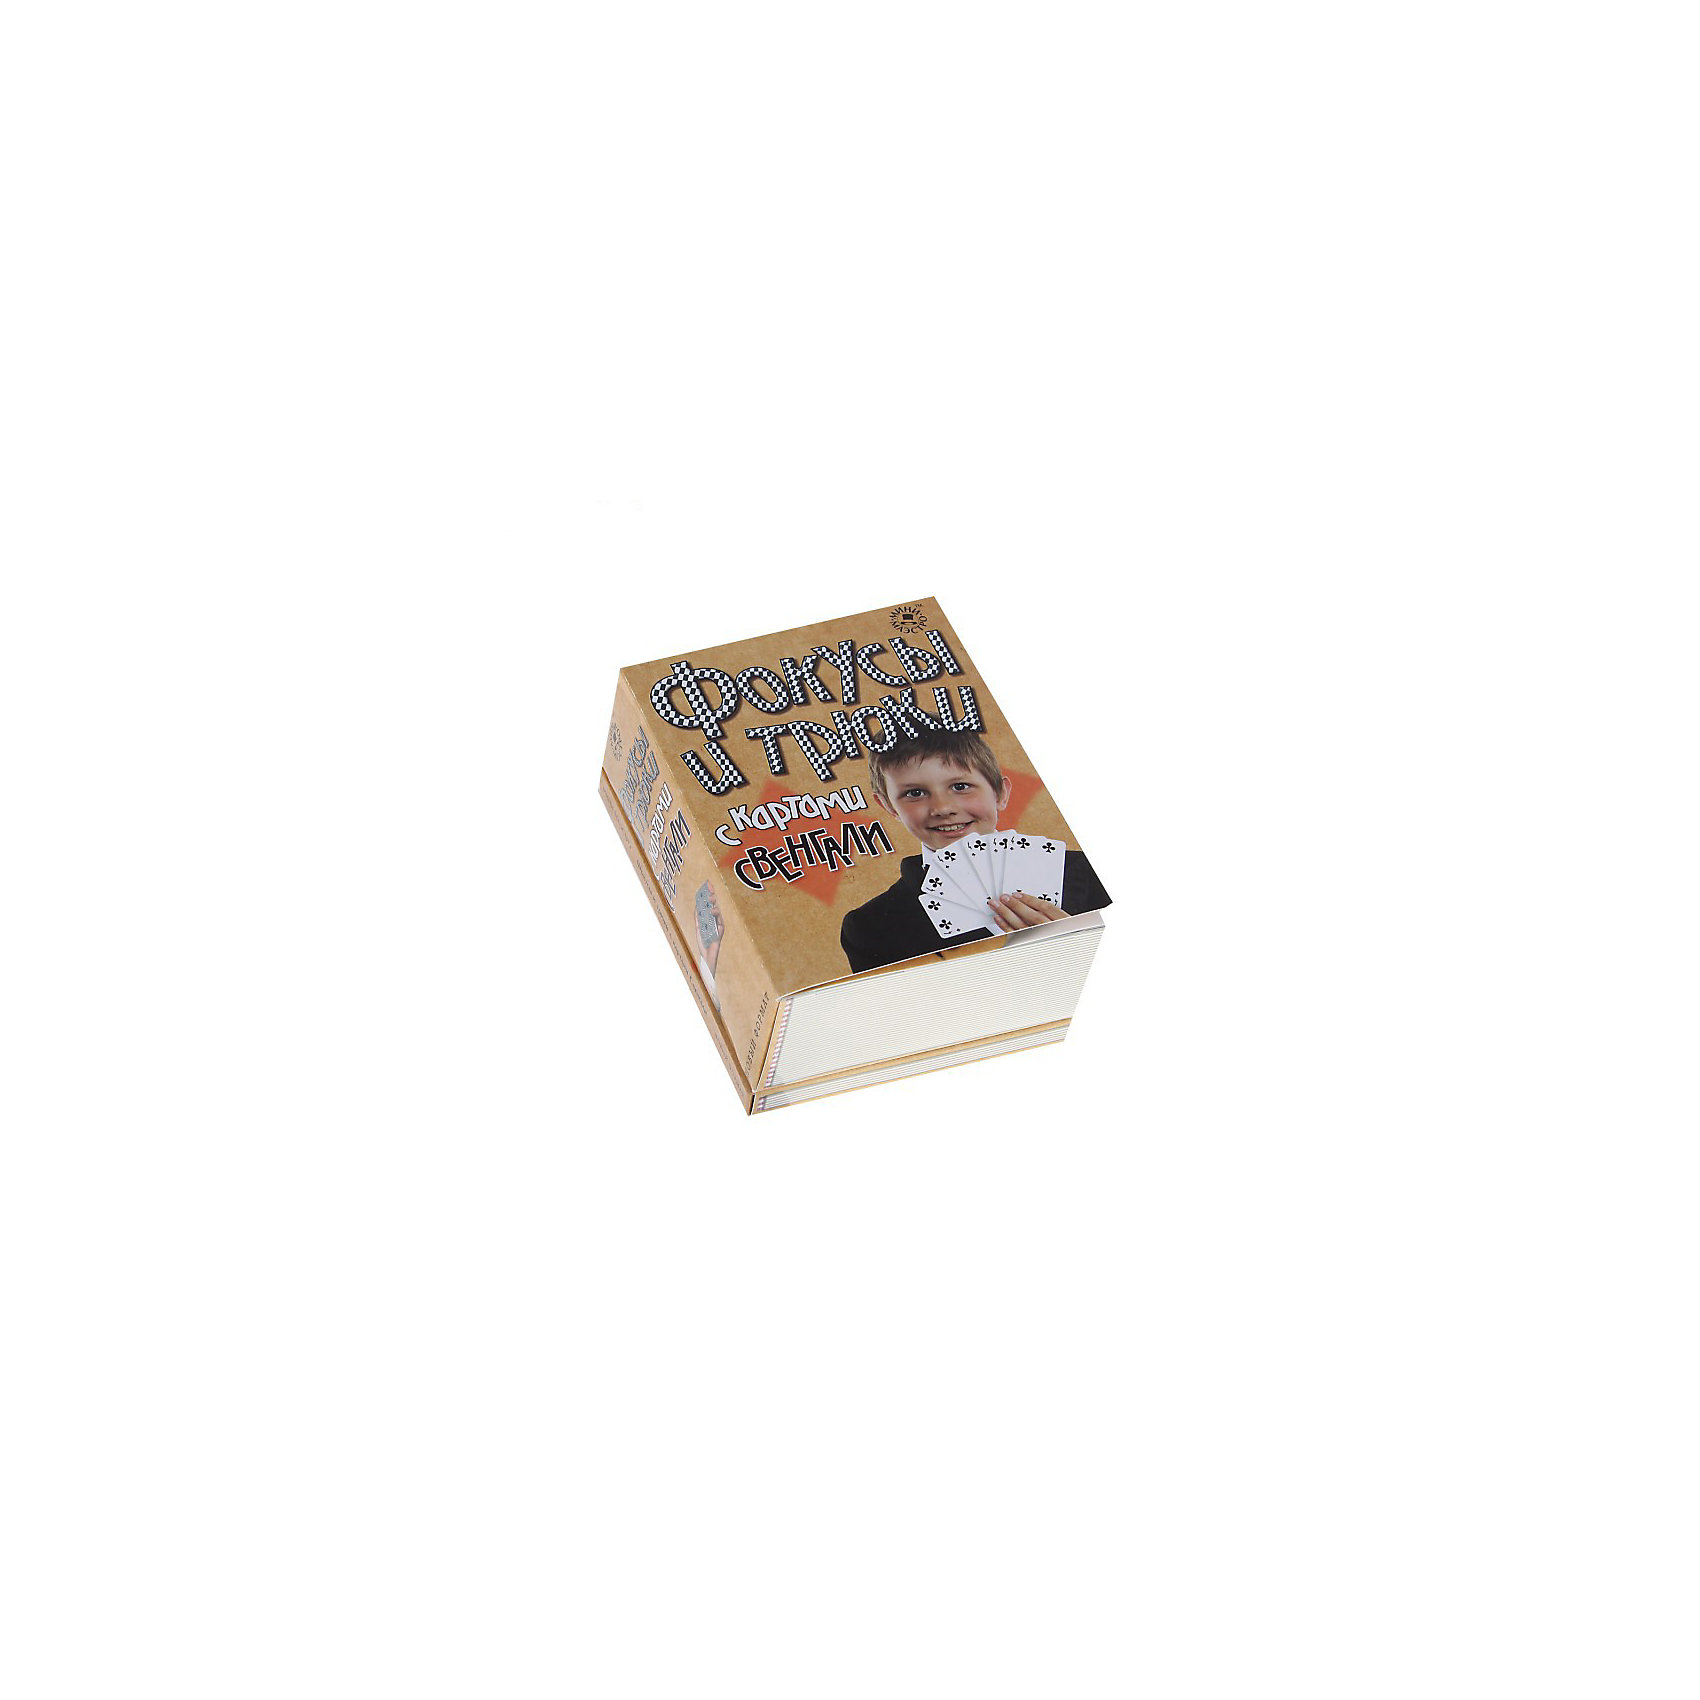 Набор Фокусы и трюки с картами СвенгалиНаборы для фокусов<br>Мини-маэстро «Фокусы и трюки с картами Свенгали» - это набор с волшебными картами. Просто возьми в руки колоду, прочти несколько магических советов из книги и ты – маг и чародей!<br><br>Дополнительная информация:<br><br>В набор входит:<br>- Книга с инструкциями 48 стр., цв. илл.,<br>- 2 колоды профессиональных карт фокусника (карт Свенгали) с различными ключевыми картами.<br>- Размер упаковки (д/ш/в): 95 х 52 х 120 мм<br><br>Мини-маэстро Фокусы и трюки с картами Свенгали можно купить в нашем магазине.<br><br>Ширина мм: 95<br>Глубина мм: 52<br>Высота мм: 120<br>Вес г: 300<br>Возраст от месяцев: 72<br>Возраст до месяцев: 144<br>Пол: Мужской<br>Возраст: Детский<br>SKU: 2358222